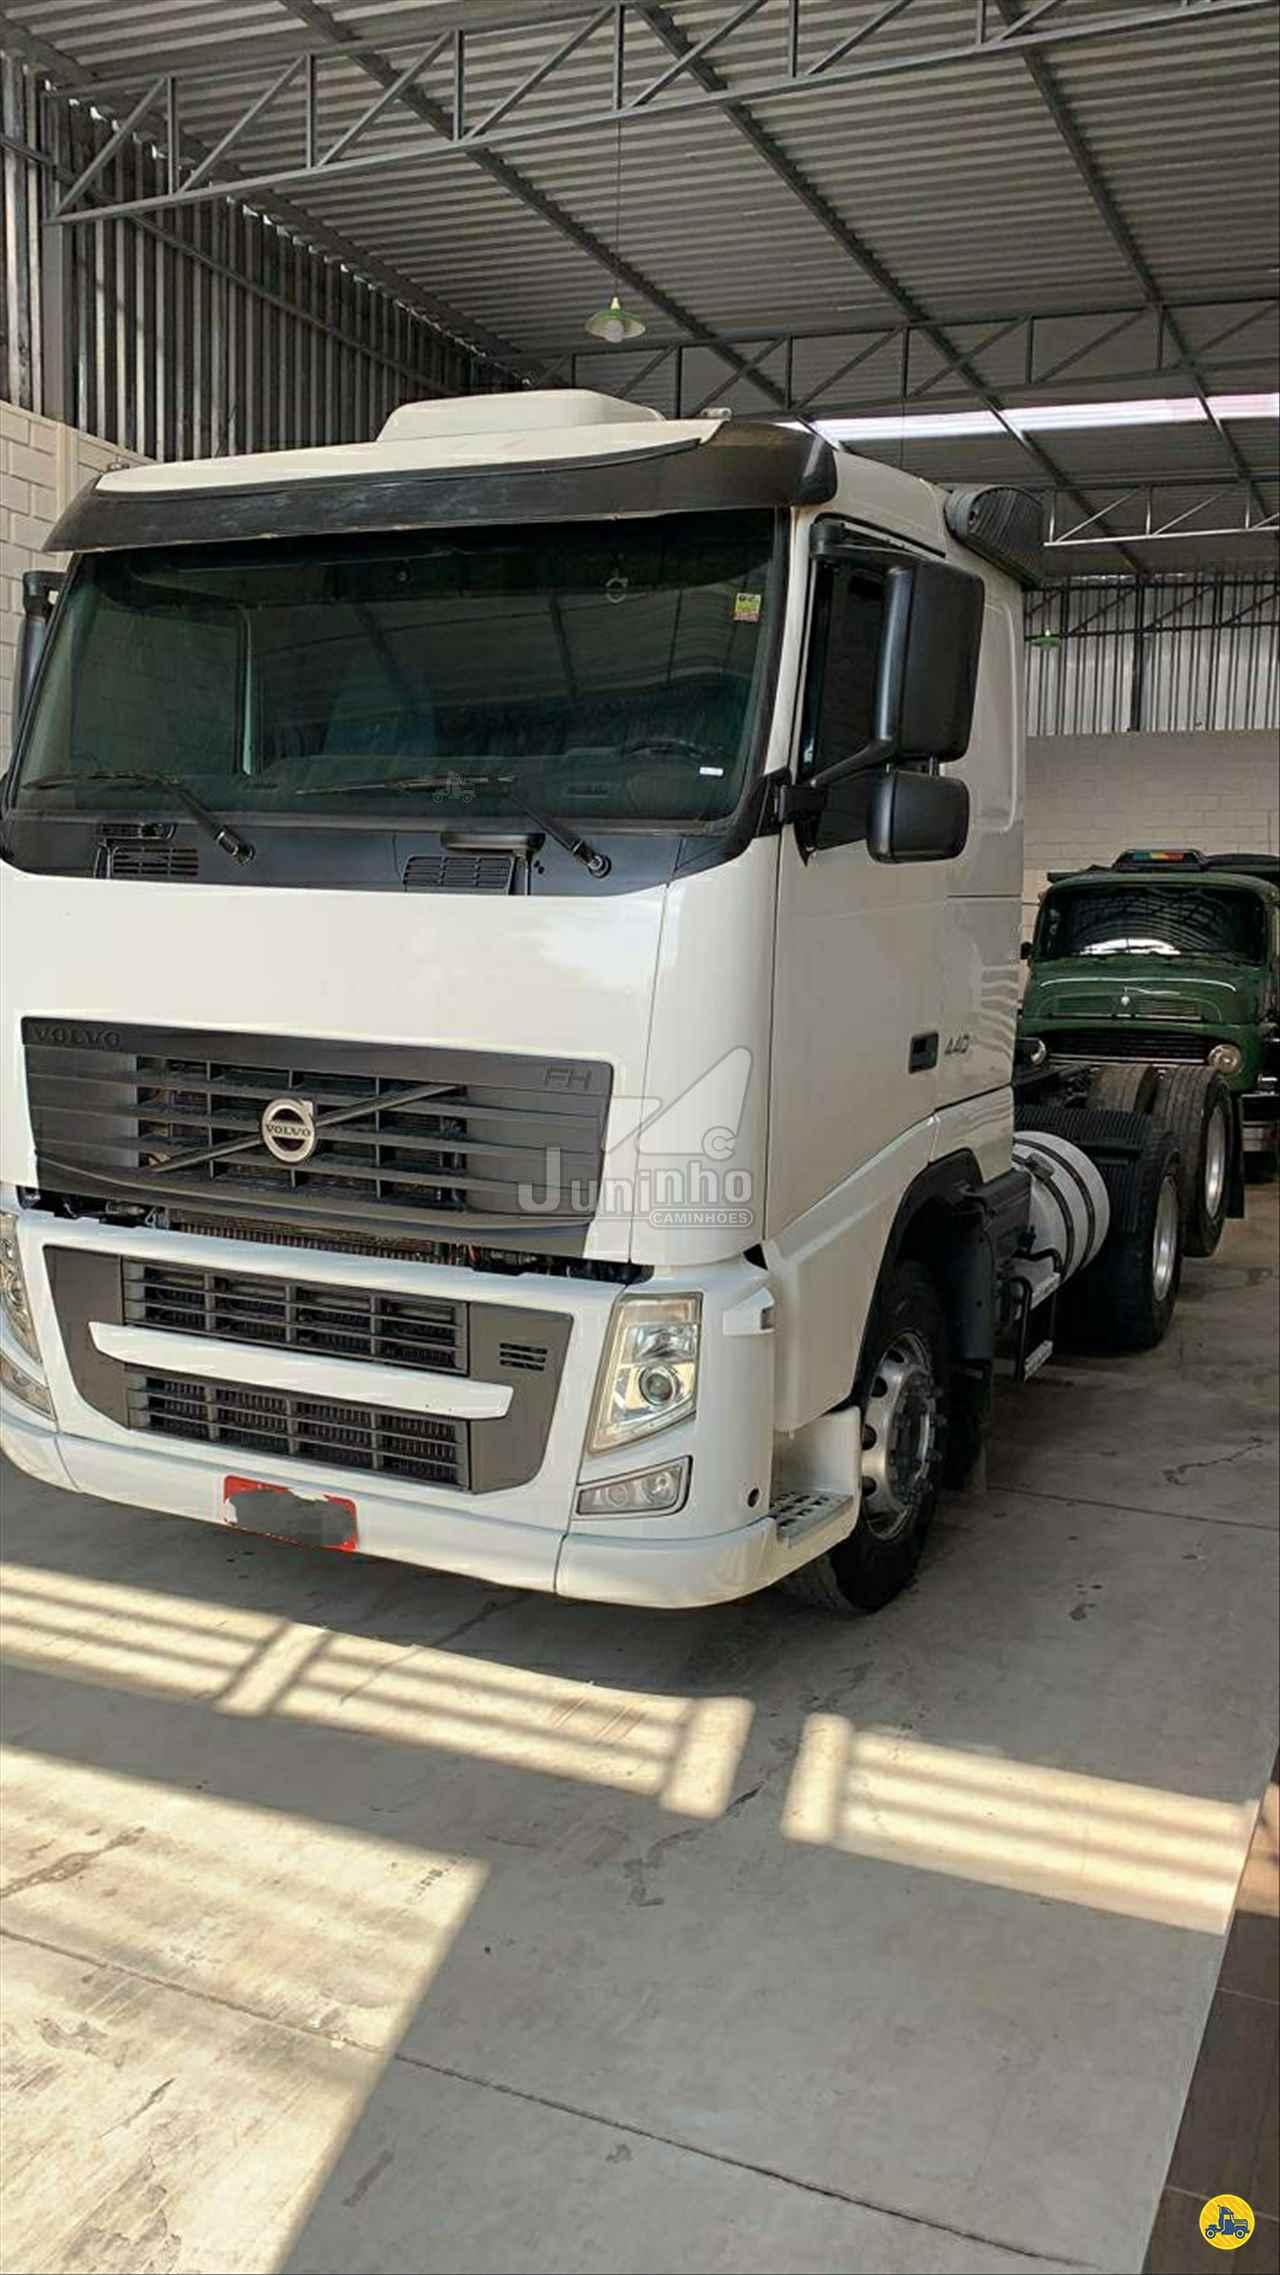 CAMINHAO VOLVO VOLVO FH 440 Cavalo Mecânico Truck 6x2 Juninho Caminhões DIVINOPOLIS MINAS GERAIS MG